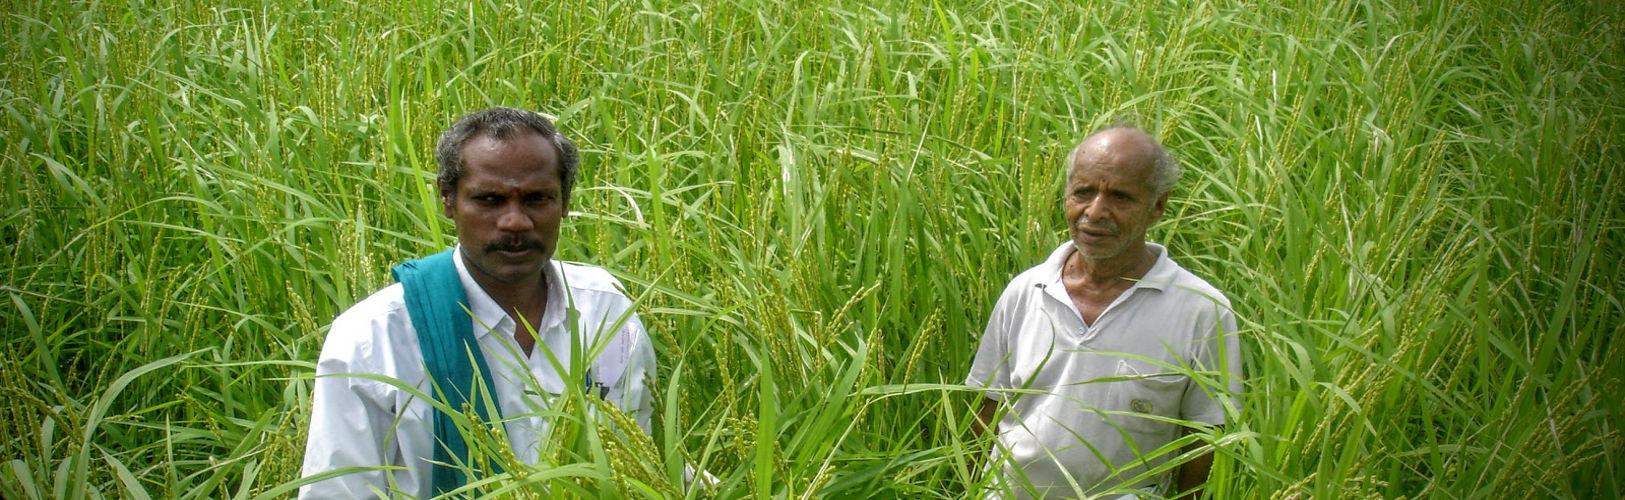 SVR-Nel-Jayaraman@SVR-Organic-Way-Farm